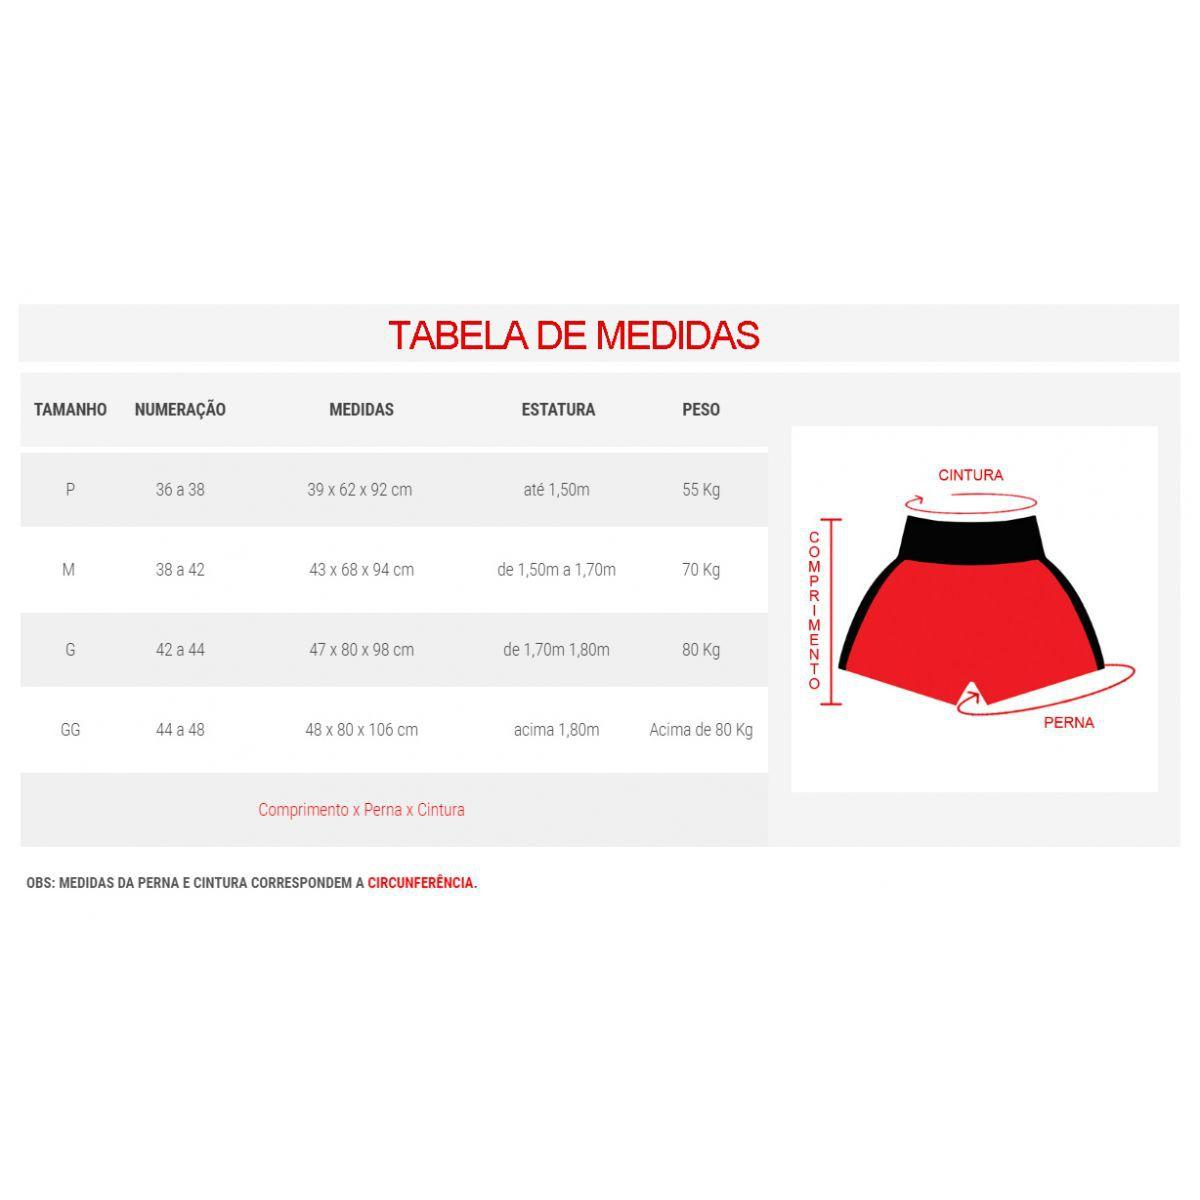 Calção / Short Kickboxing - K1- Cavado - Azul/Preto - Toriuk .  - Loja do Competidor